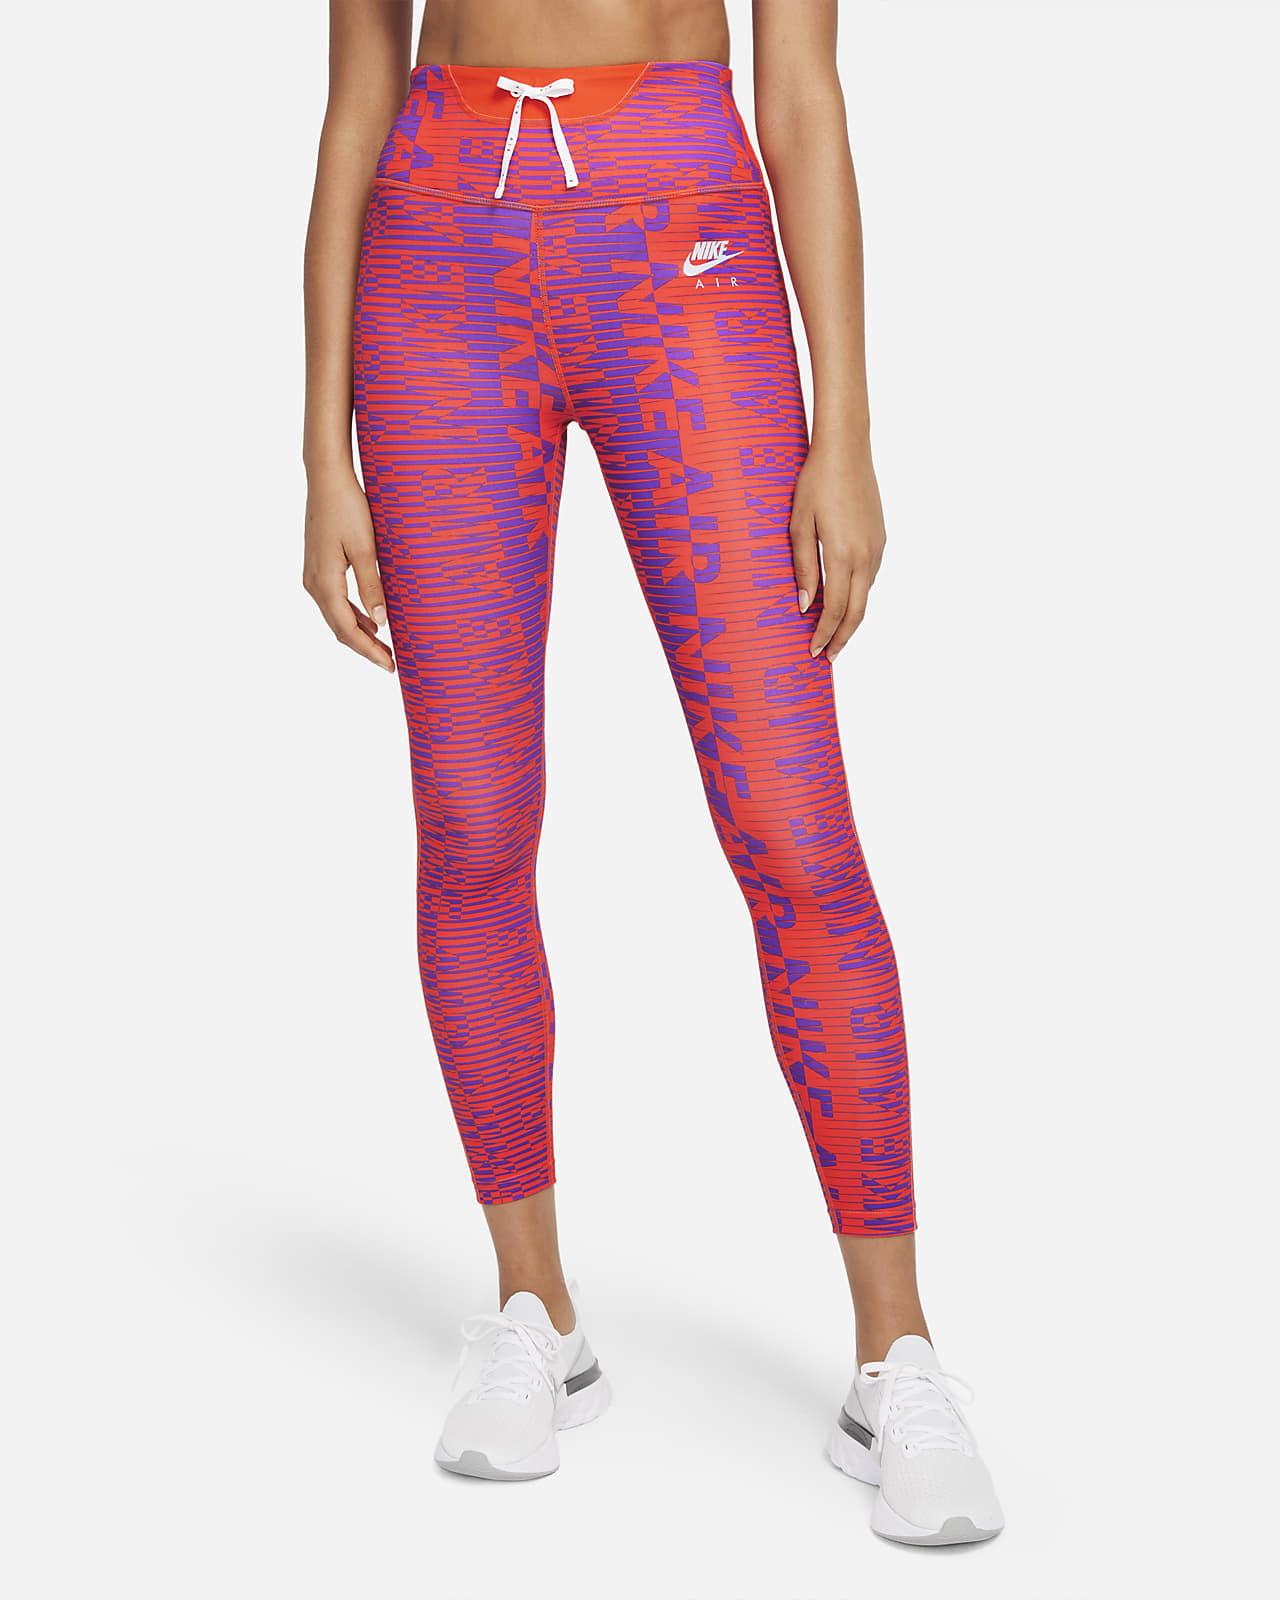 Γυναικείο ψηλόμεσο εμπριμέ κολάν 7/8 για τρέξιμο Nike Air Epic Fast